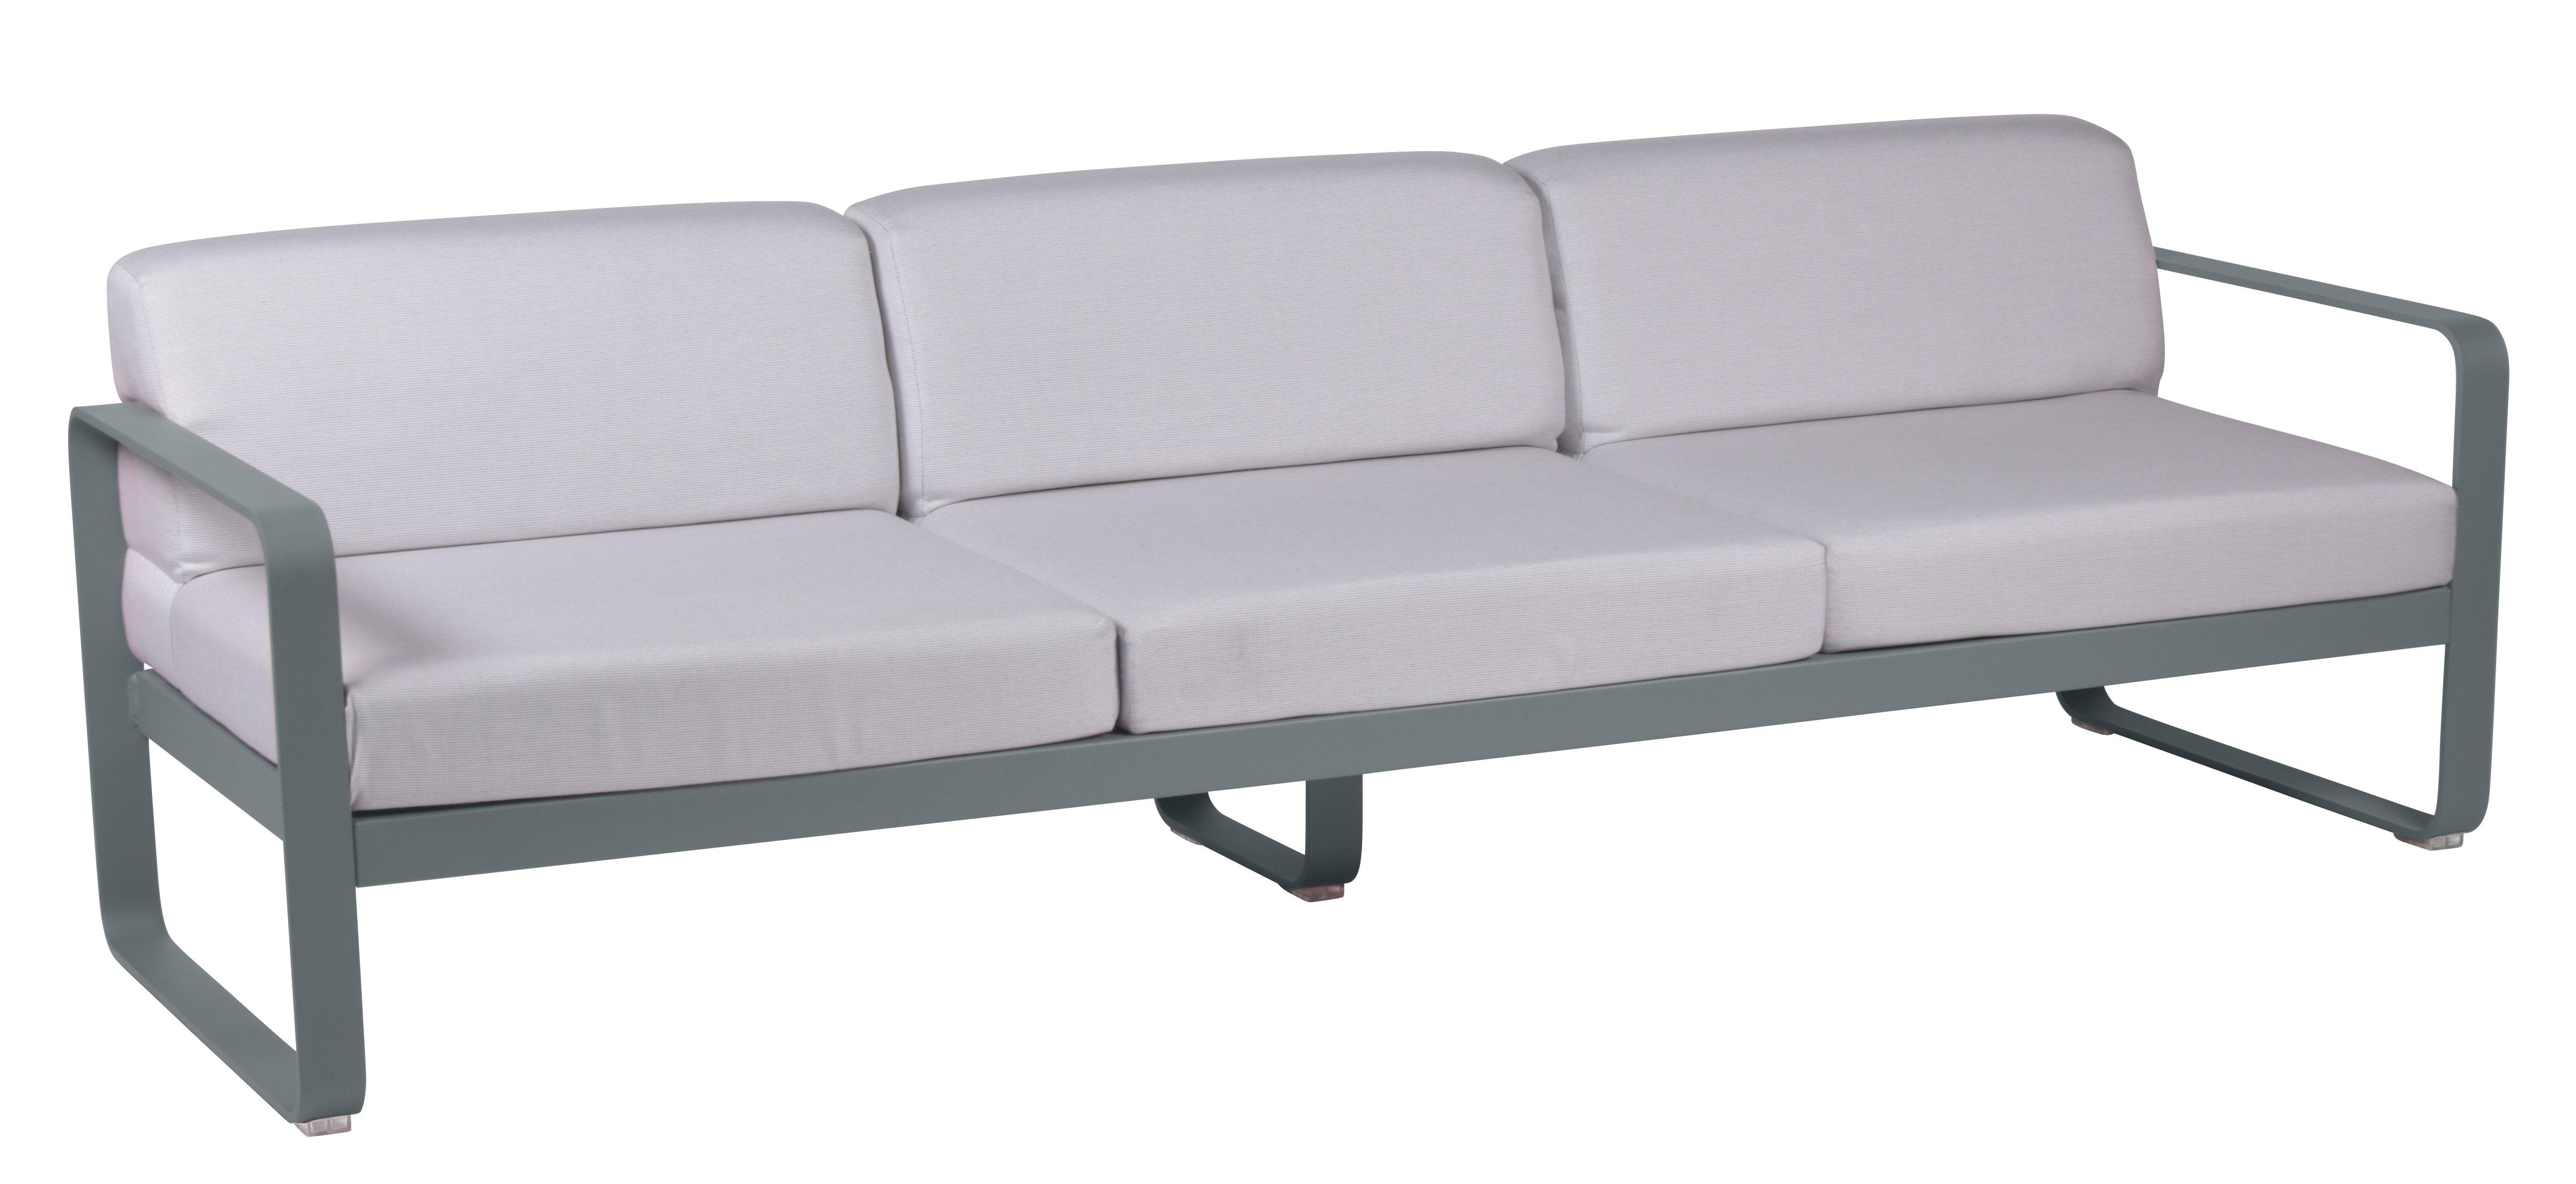 Arredamento - Divani moderni - Divano destro Bellevie - 3 posti / L 235 cm - Tessuto bianco tendente al grigio di Fermob - Grigio temporale / Tessuto bianco - Alluminio laccato, Espanso, Tessuto acrilico